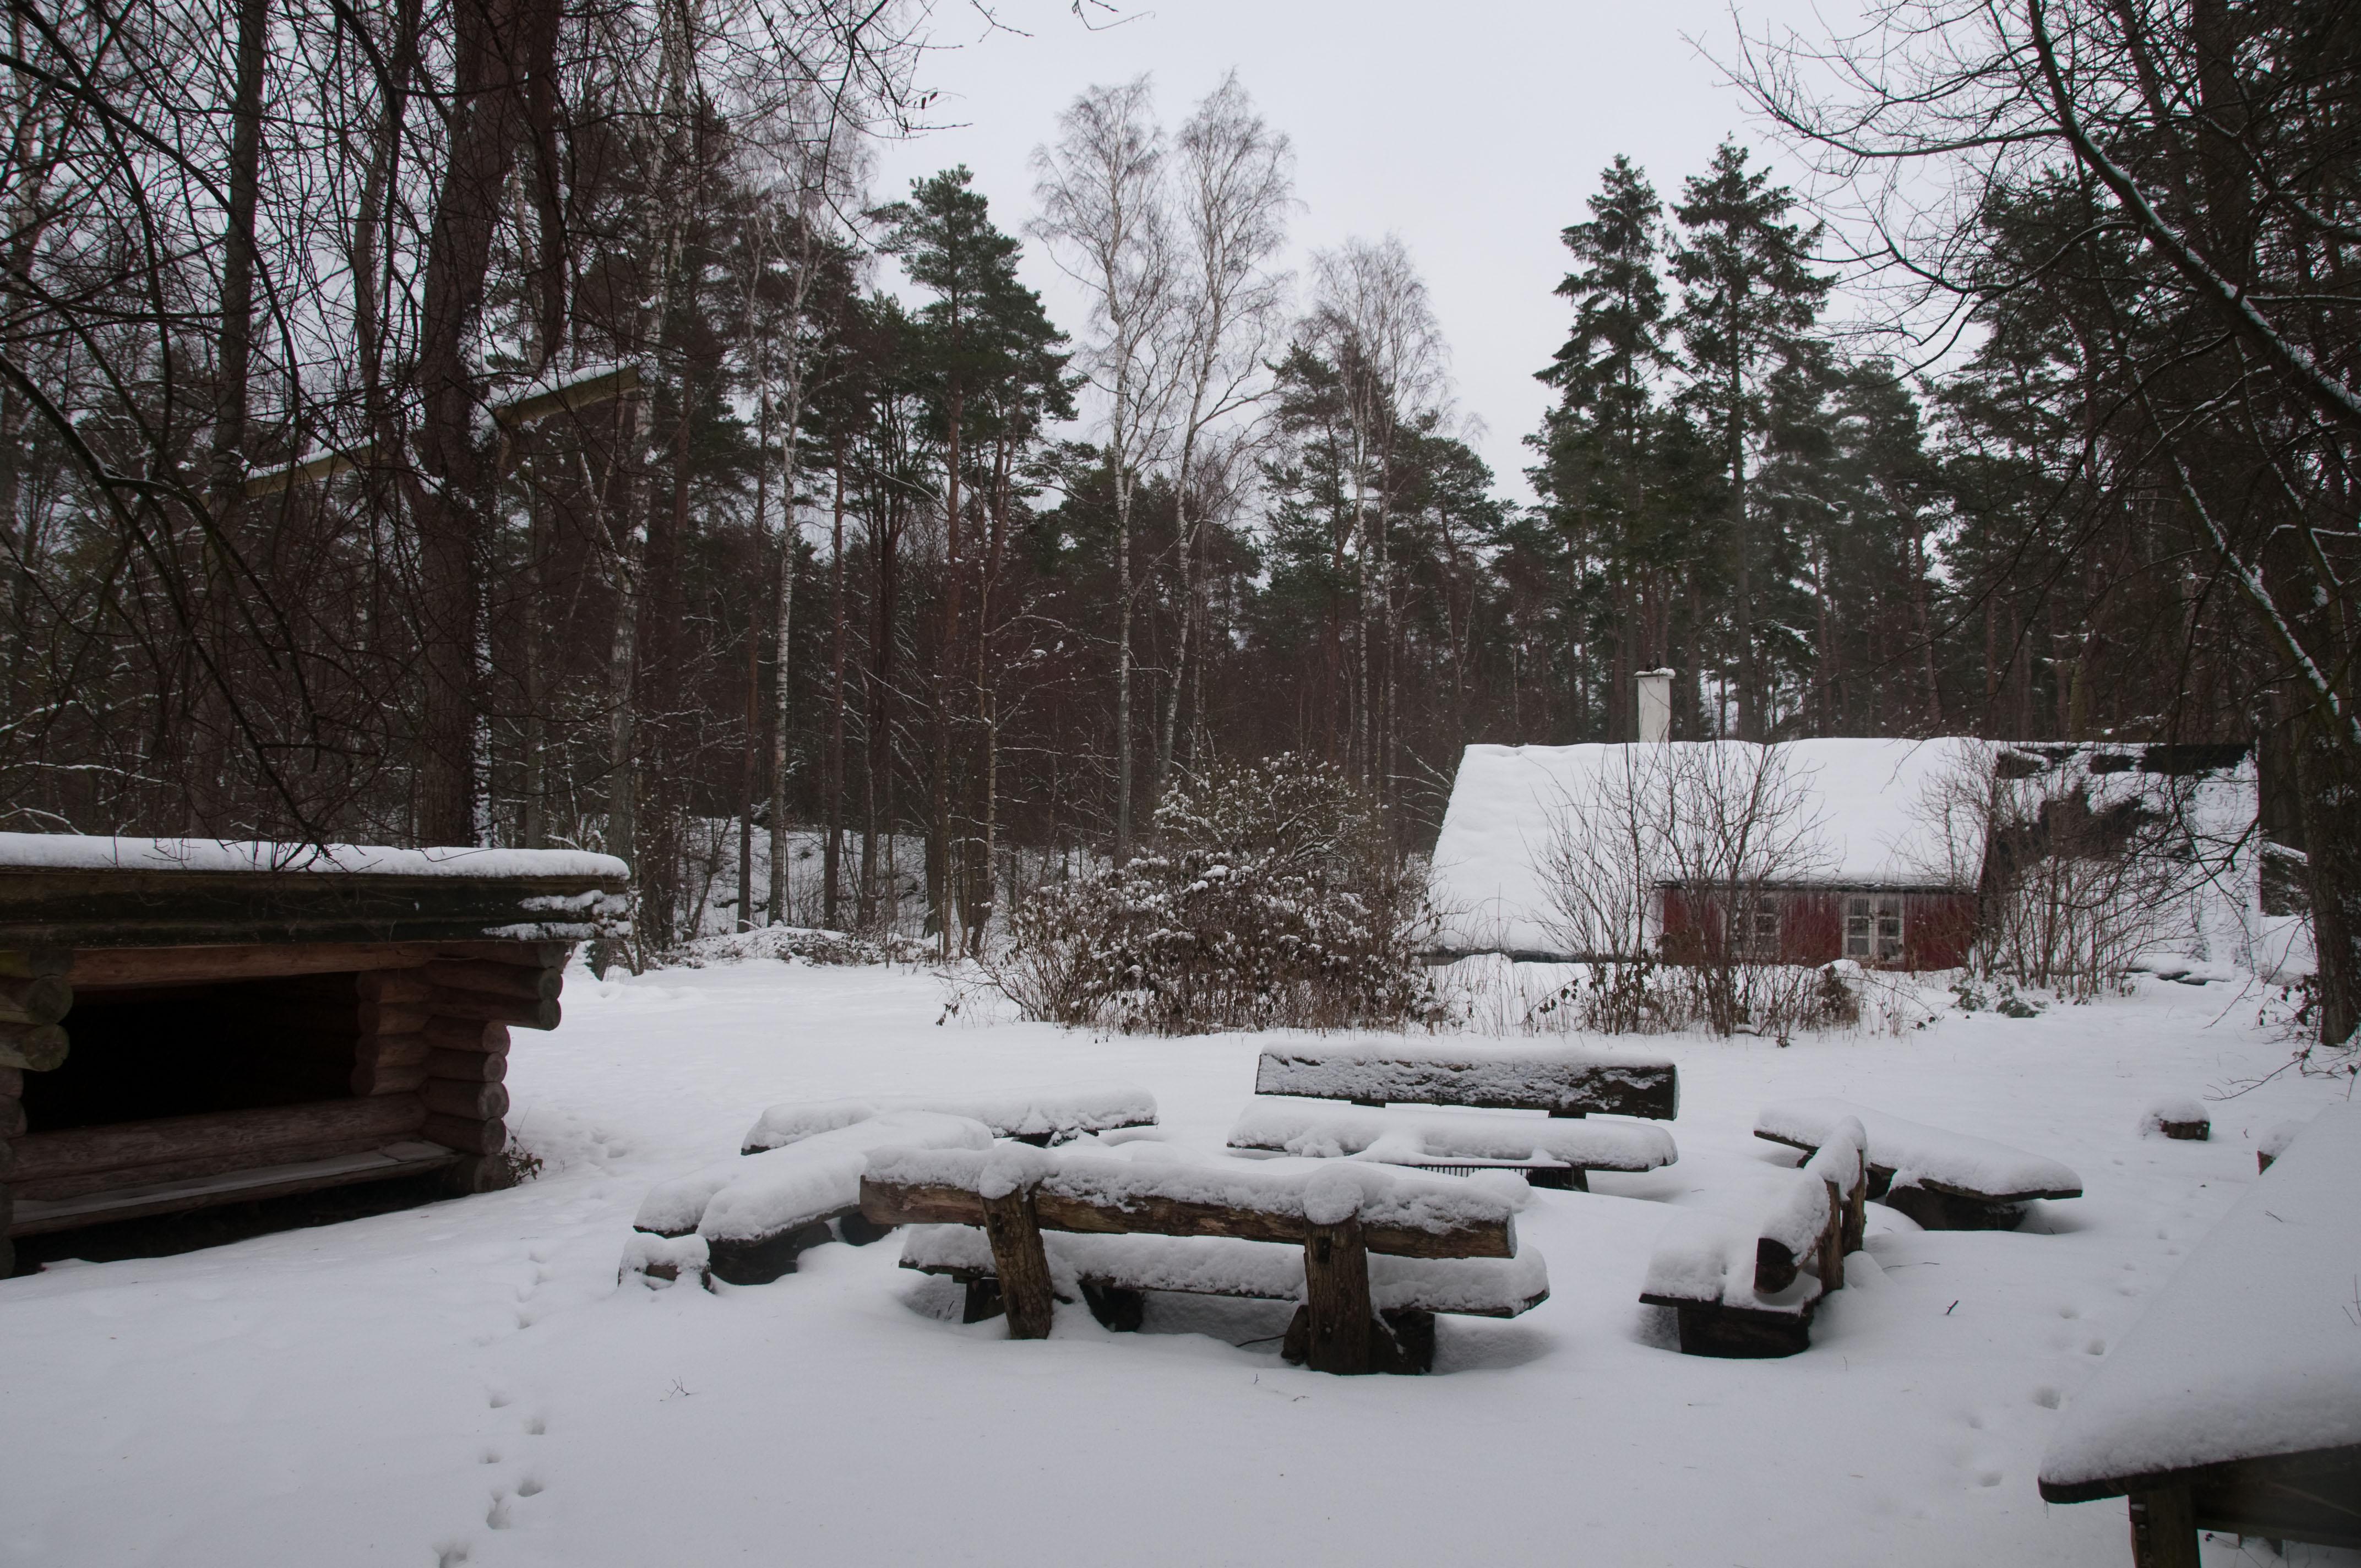 kullen vinter 2010 dsc4594.jpg